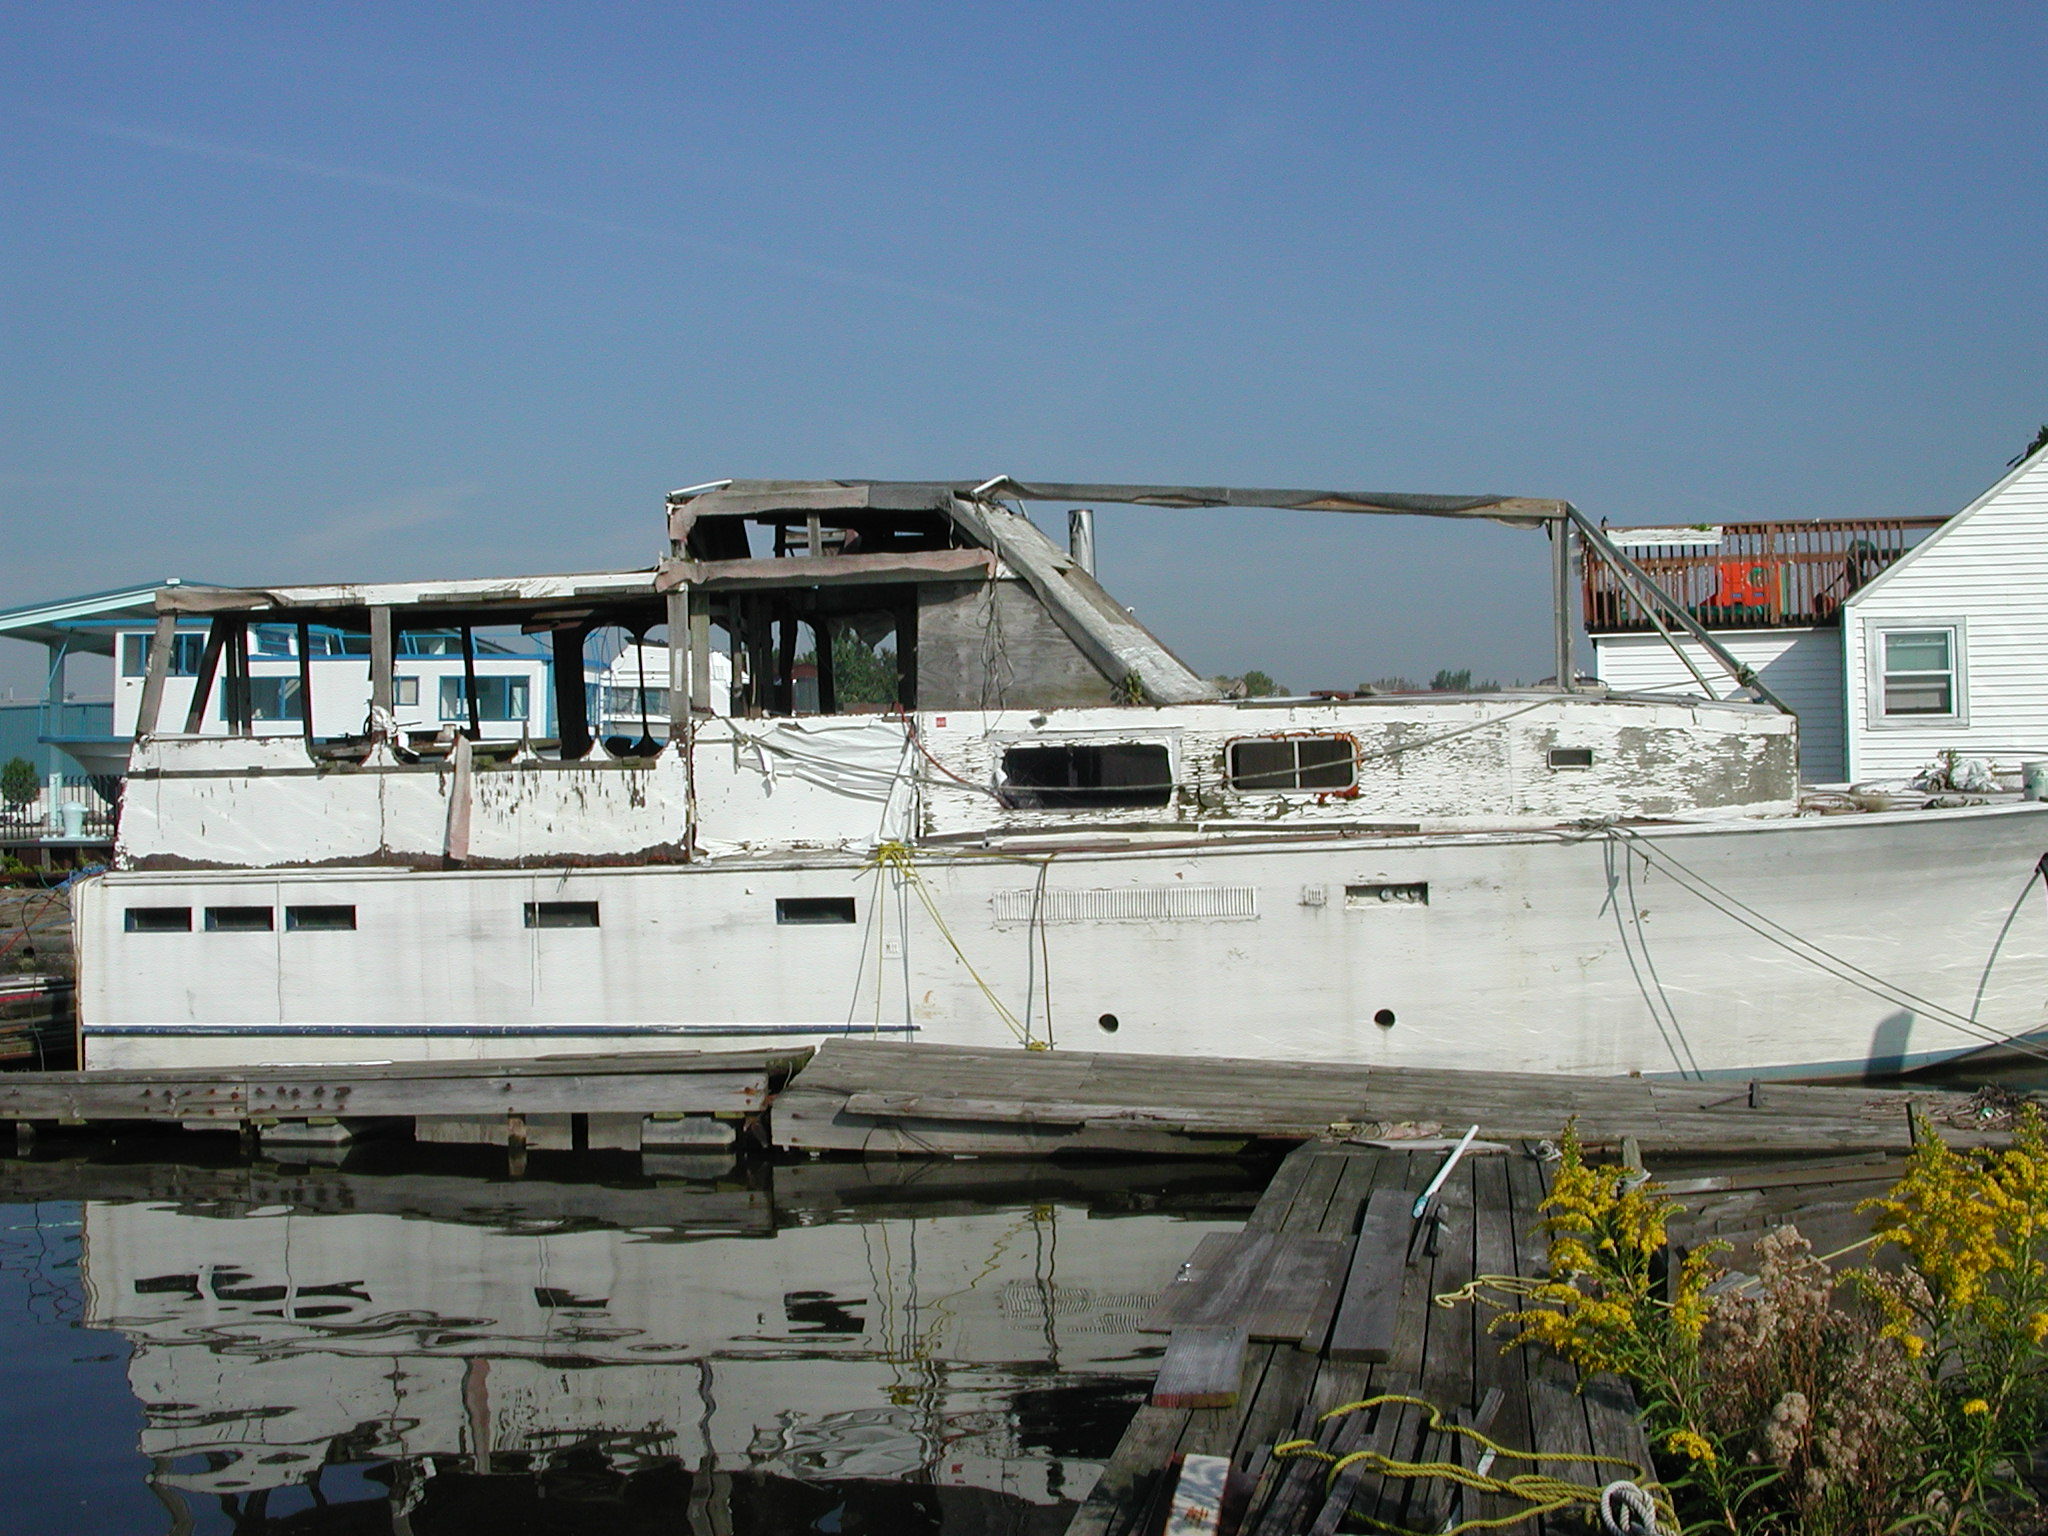 040730 at NJ dock.jpg